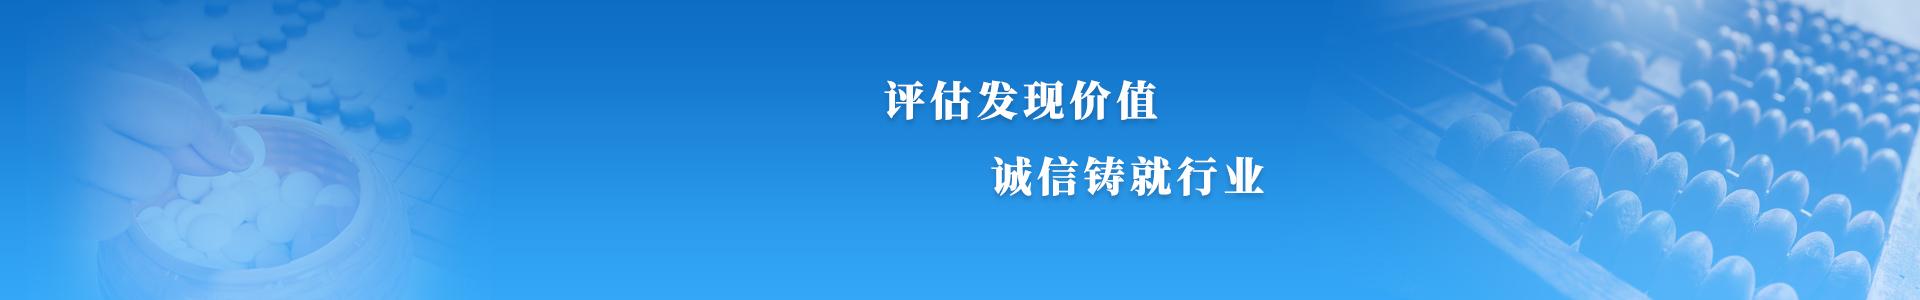 广西资产评估协会